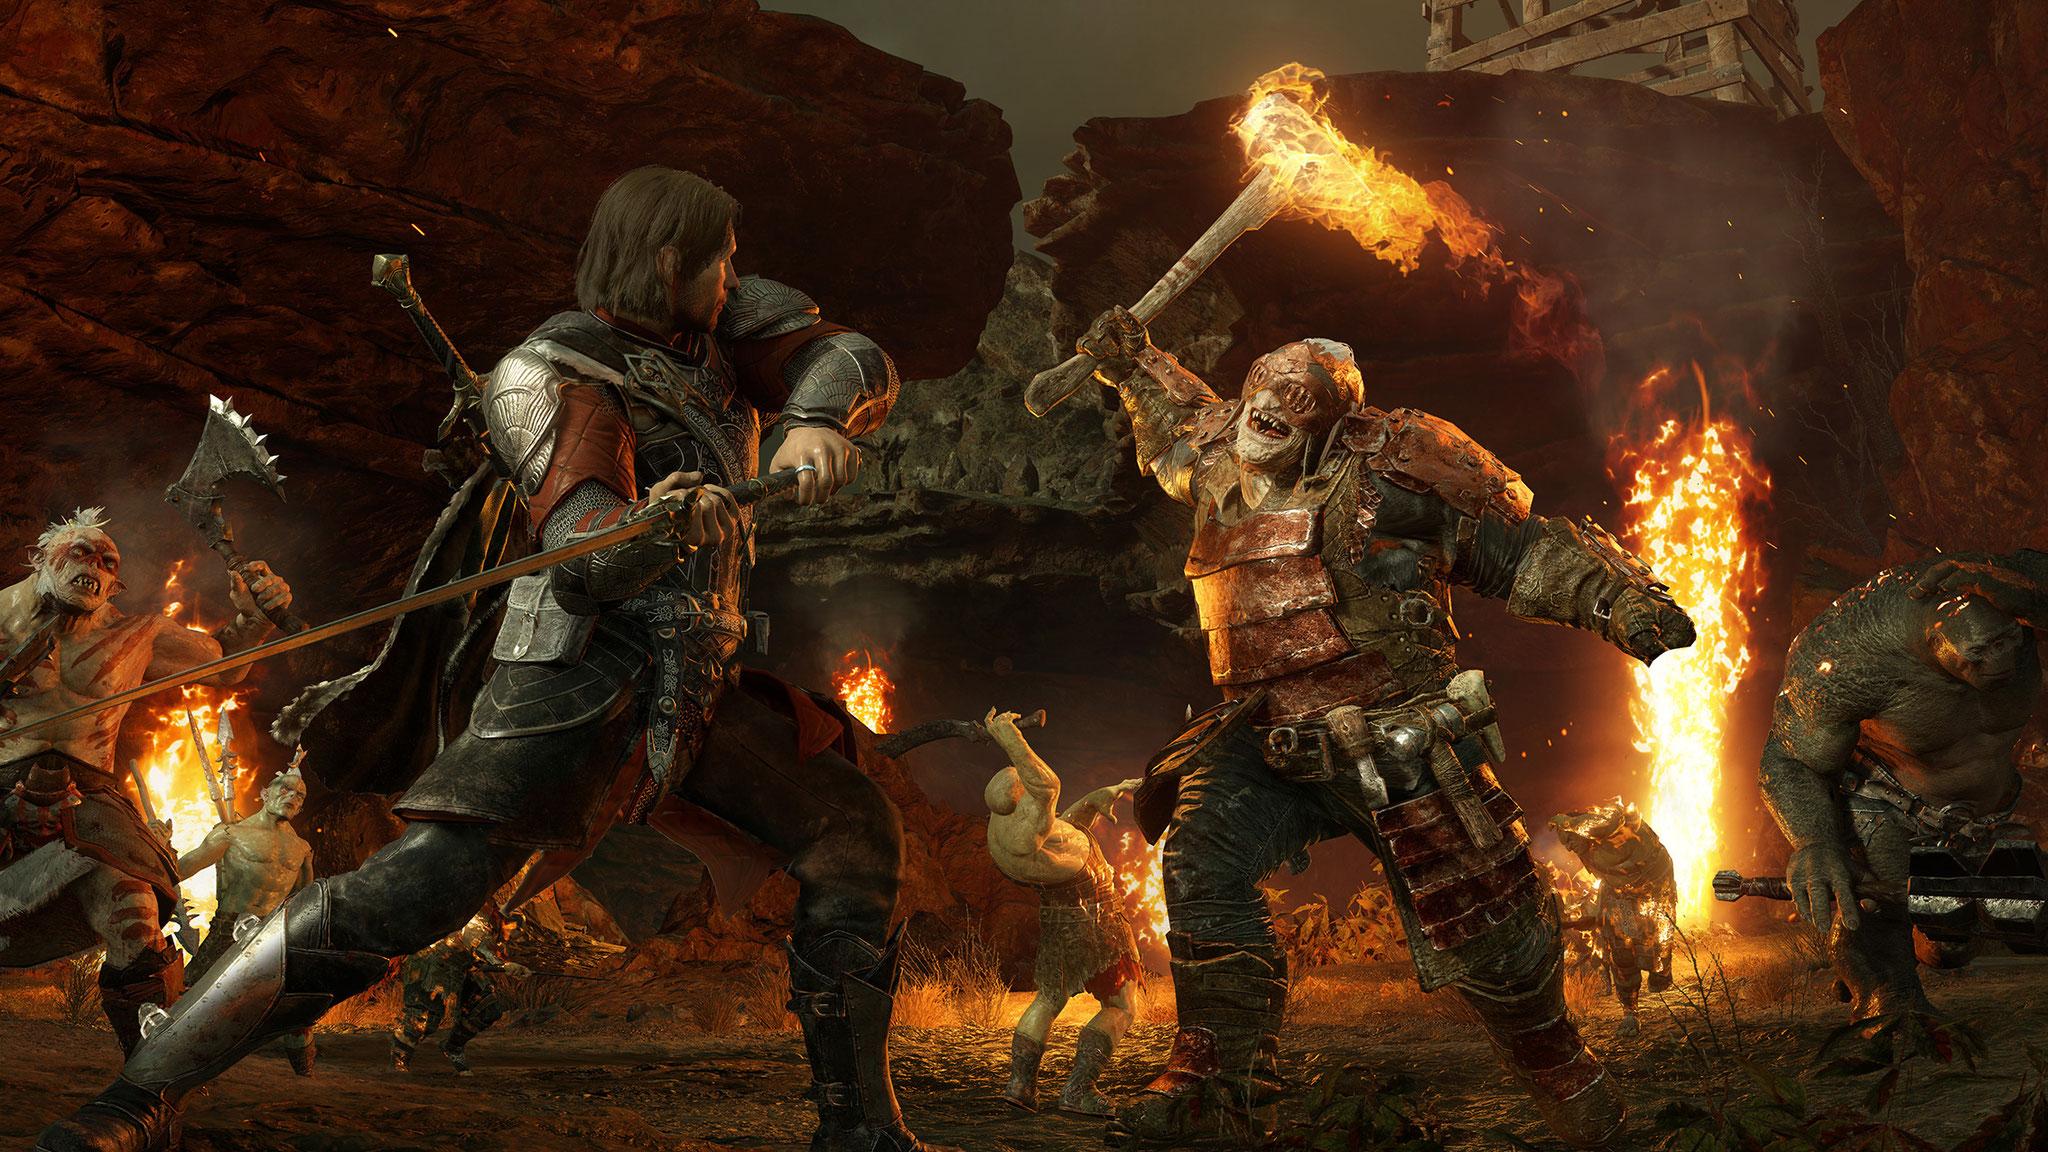 """Monoliths """"Mittelerde""""-Action-Rollenspiele """"Mordors Schatten"""" und """"Schatten des Krieges"""" sind bisher die aufwändigsten Spiele-Produktionen in Mittelerde. Wie das gerade angekündigte MMORPG sind sie in der Zeit vor dem Ringkrieg angesiedelt."""